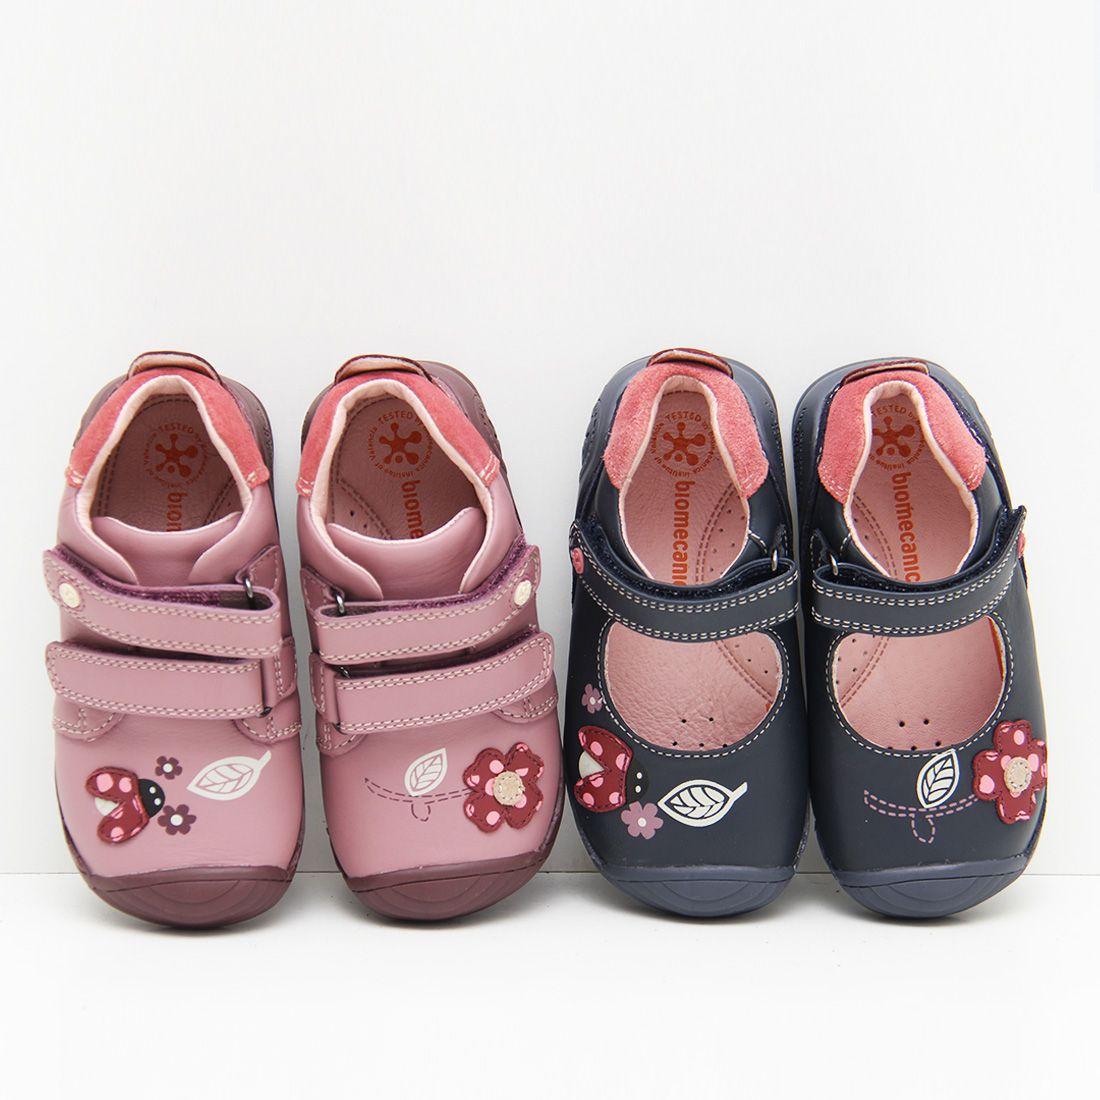 Suaves Zapatos De Cuero Del Bebé Unicornio 3-4 años Ksrlk